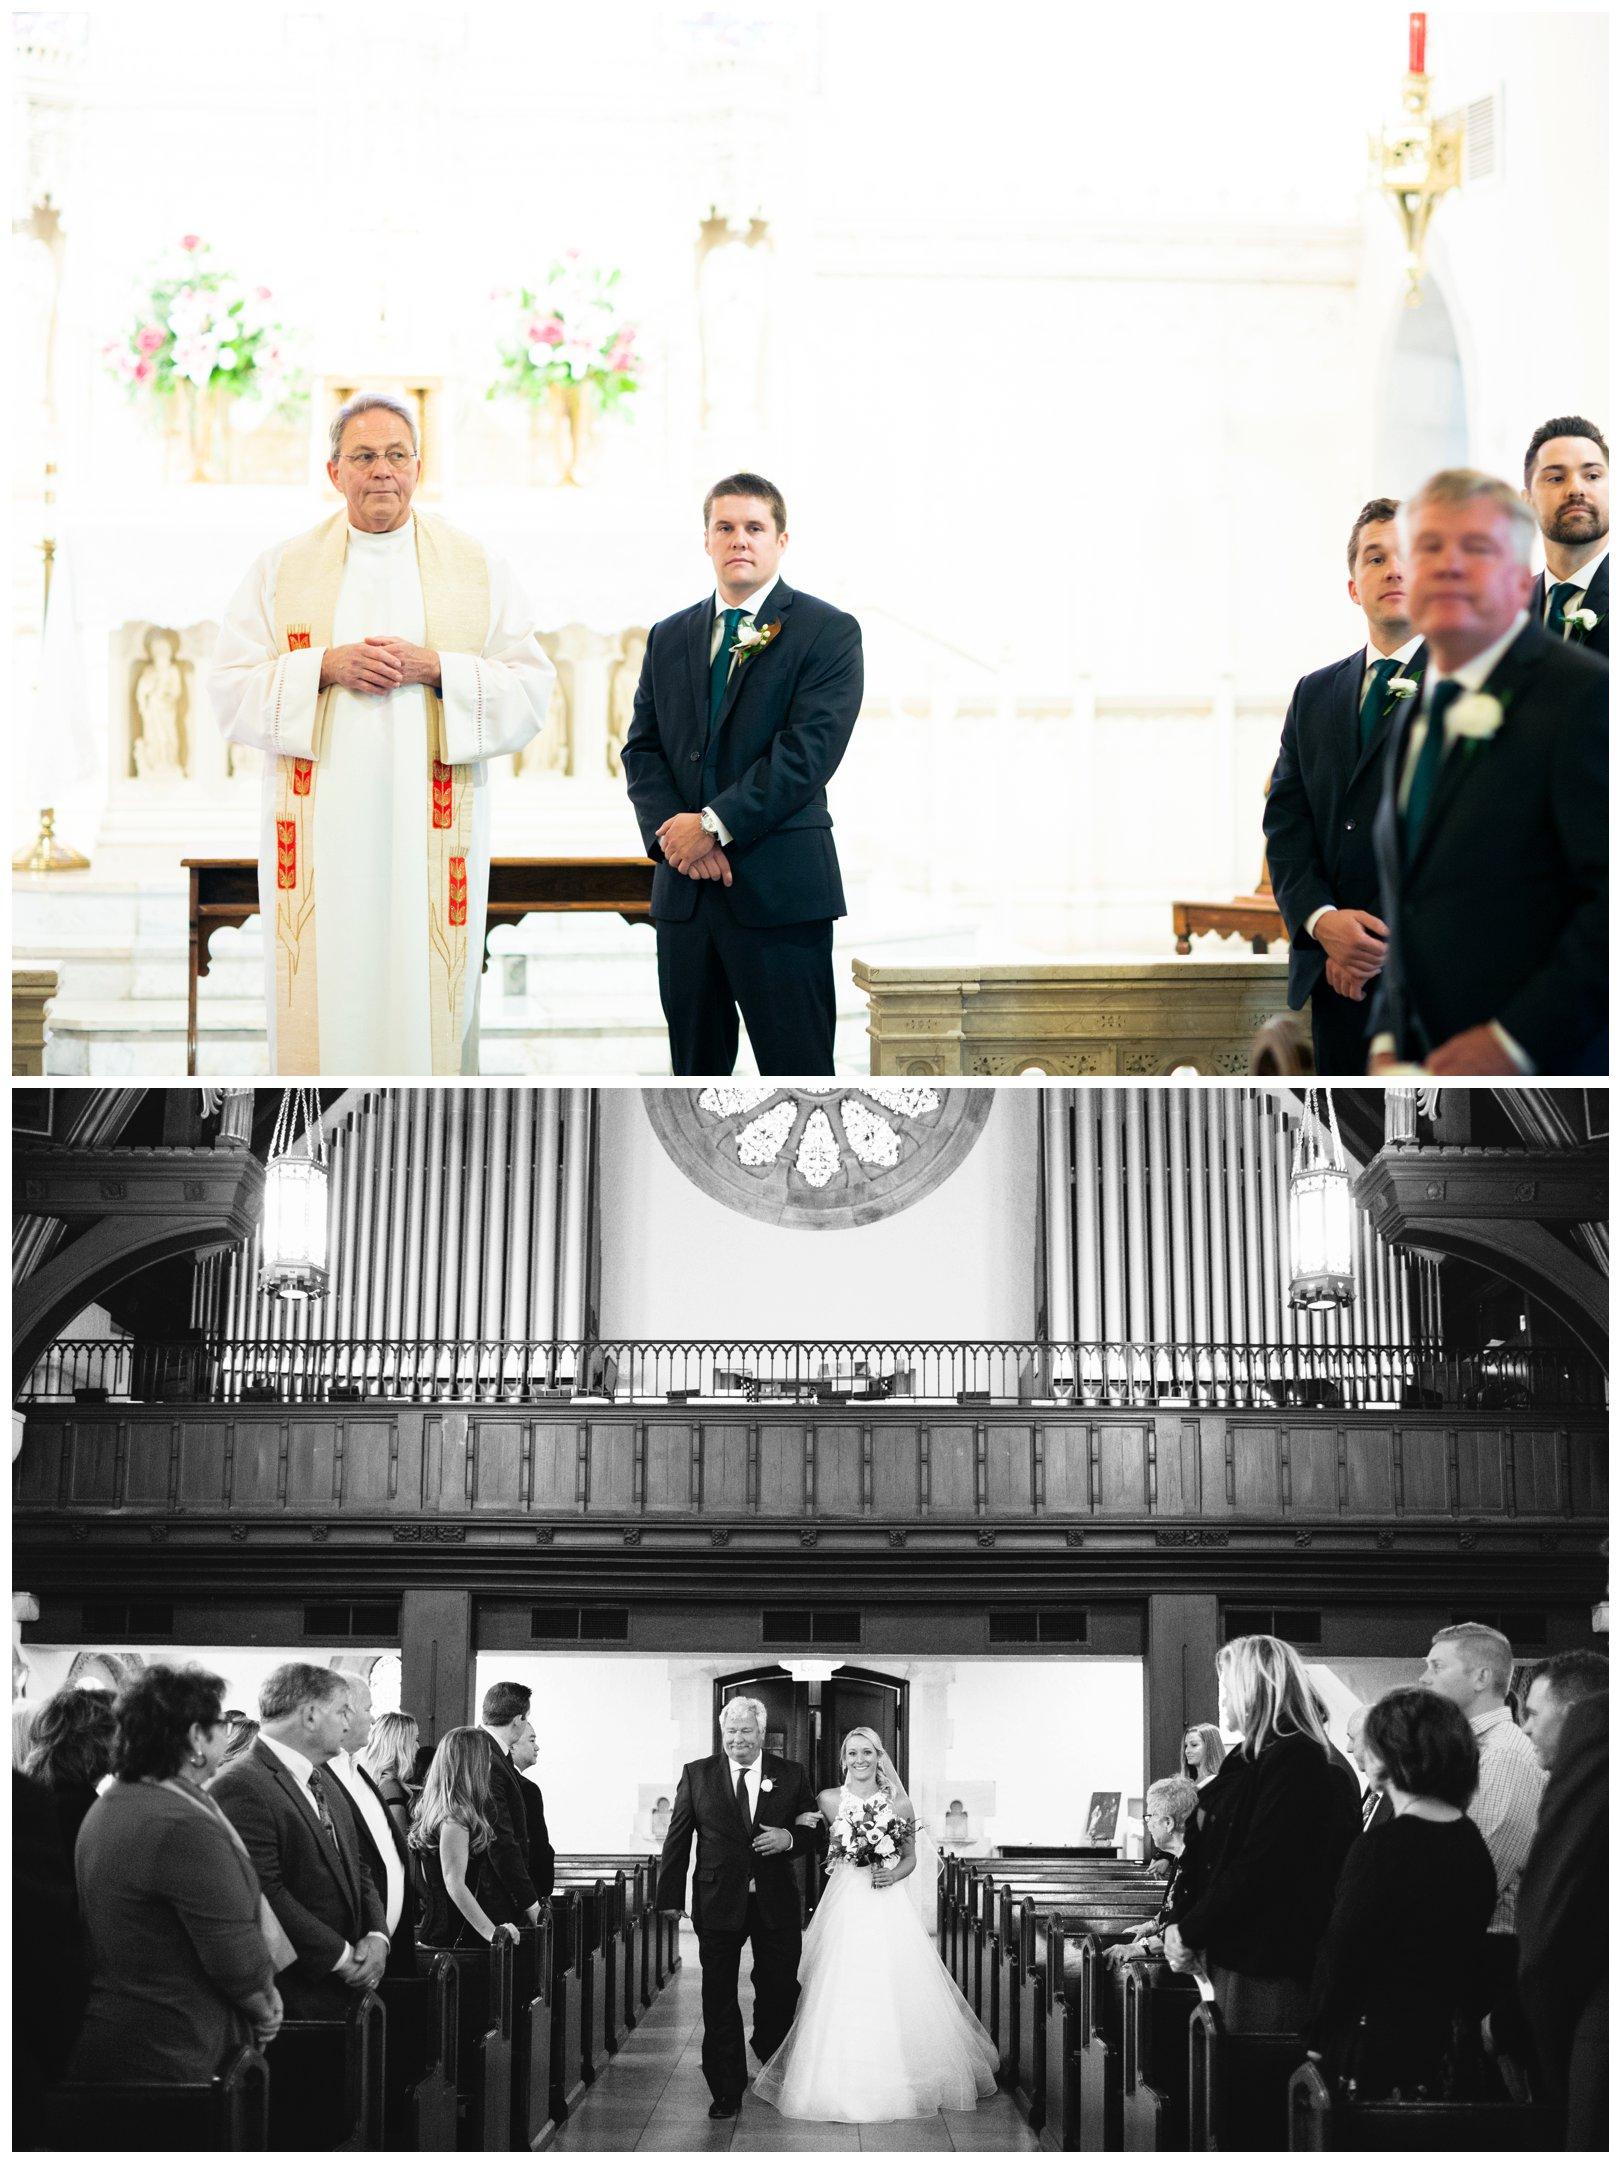 lauren muckler photography_fine art film wedding photography_st louis_photography_2420.jpg